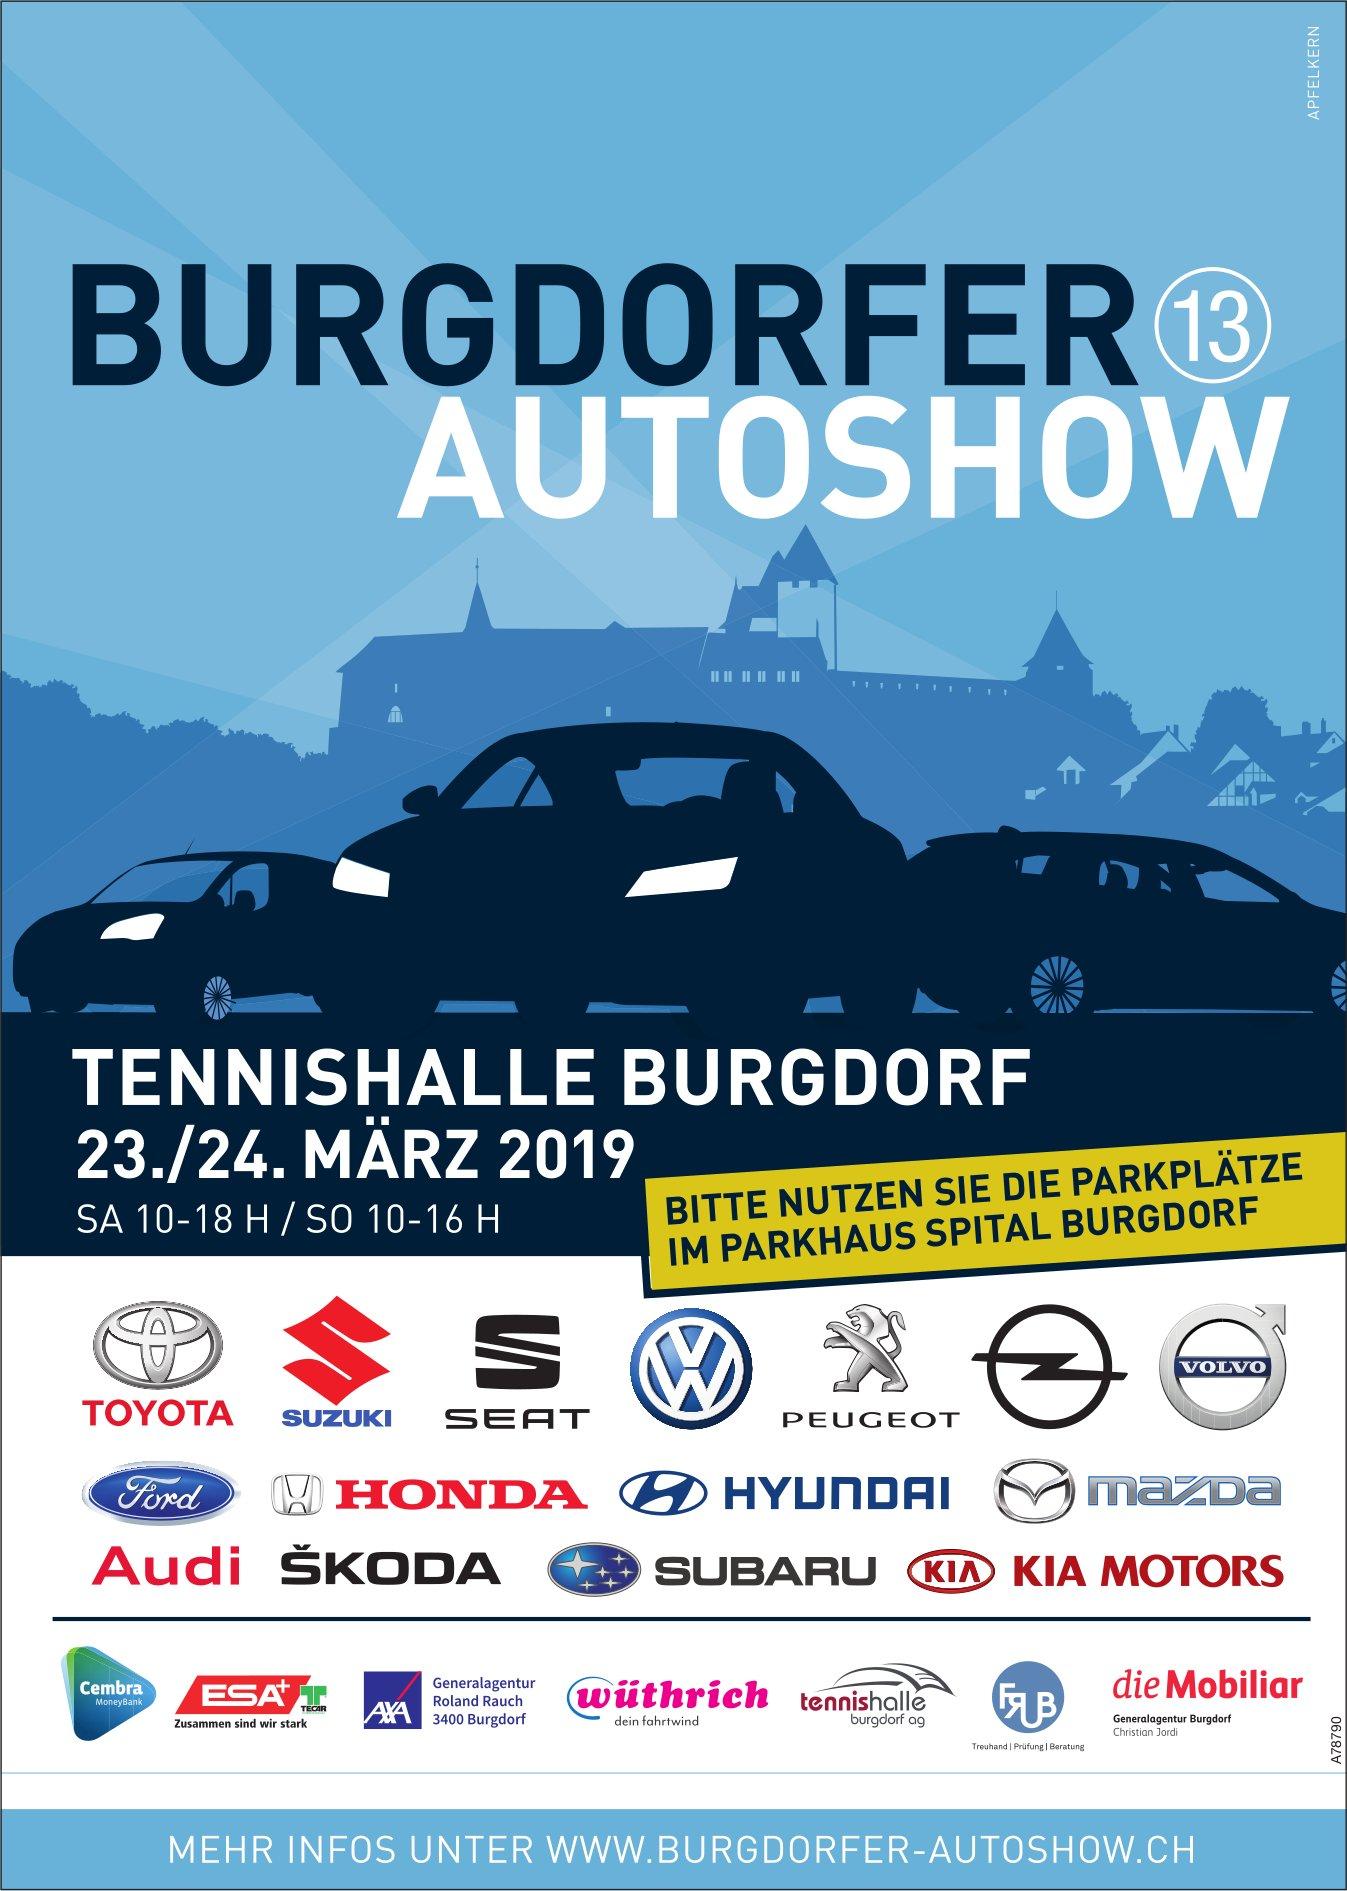 BURGDORFER AUTOSHOW, TENNISHALLE BURGDORF, 23./24. MÄRZ